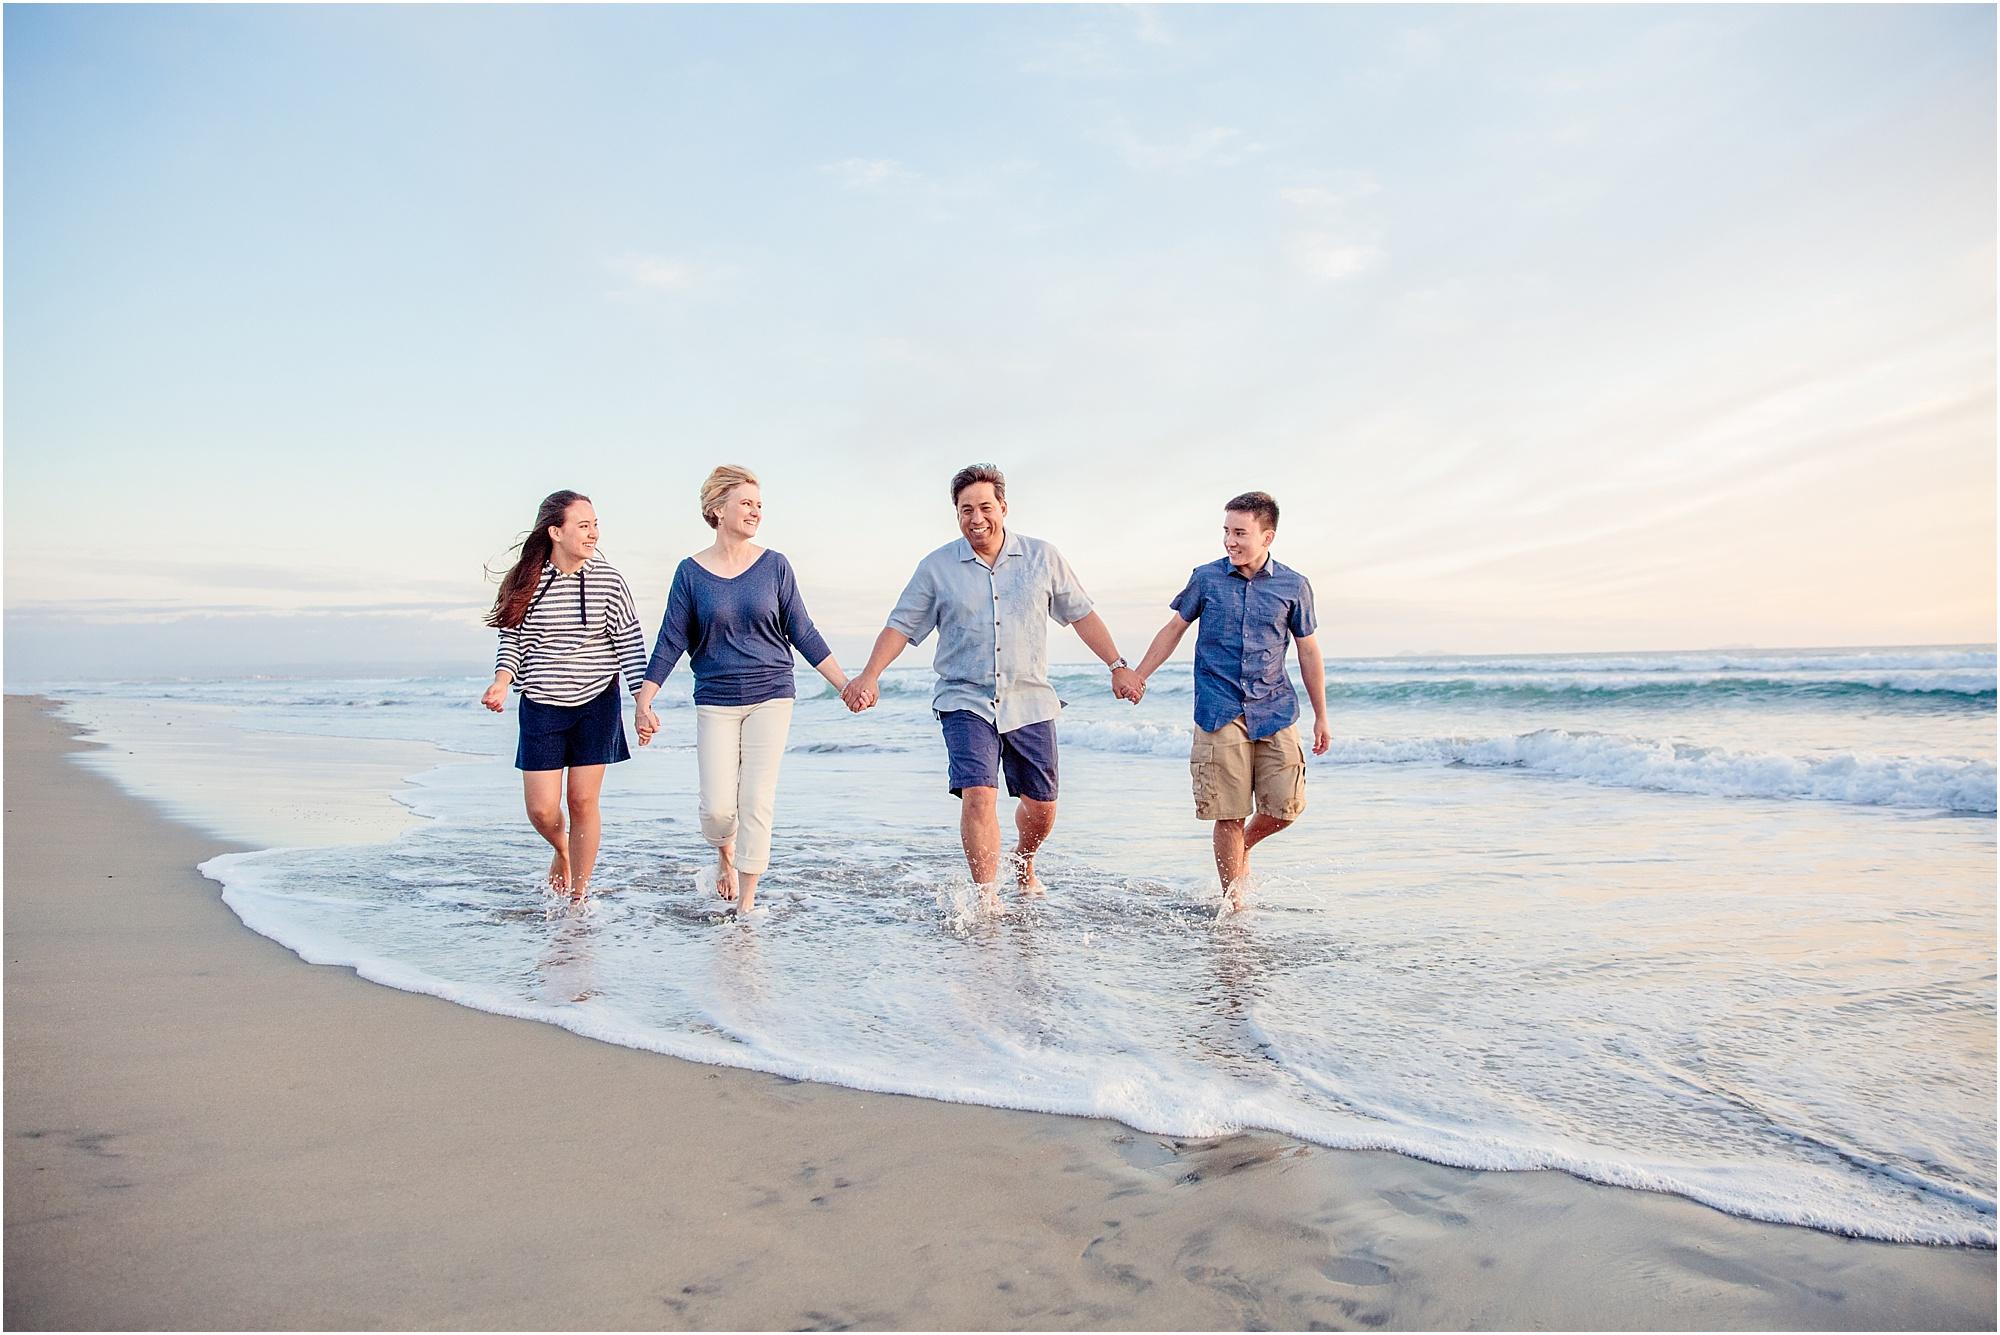 San Diego Photographer | Beach Photography San Diego